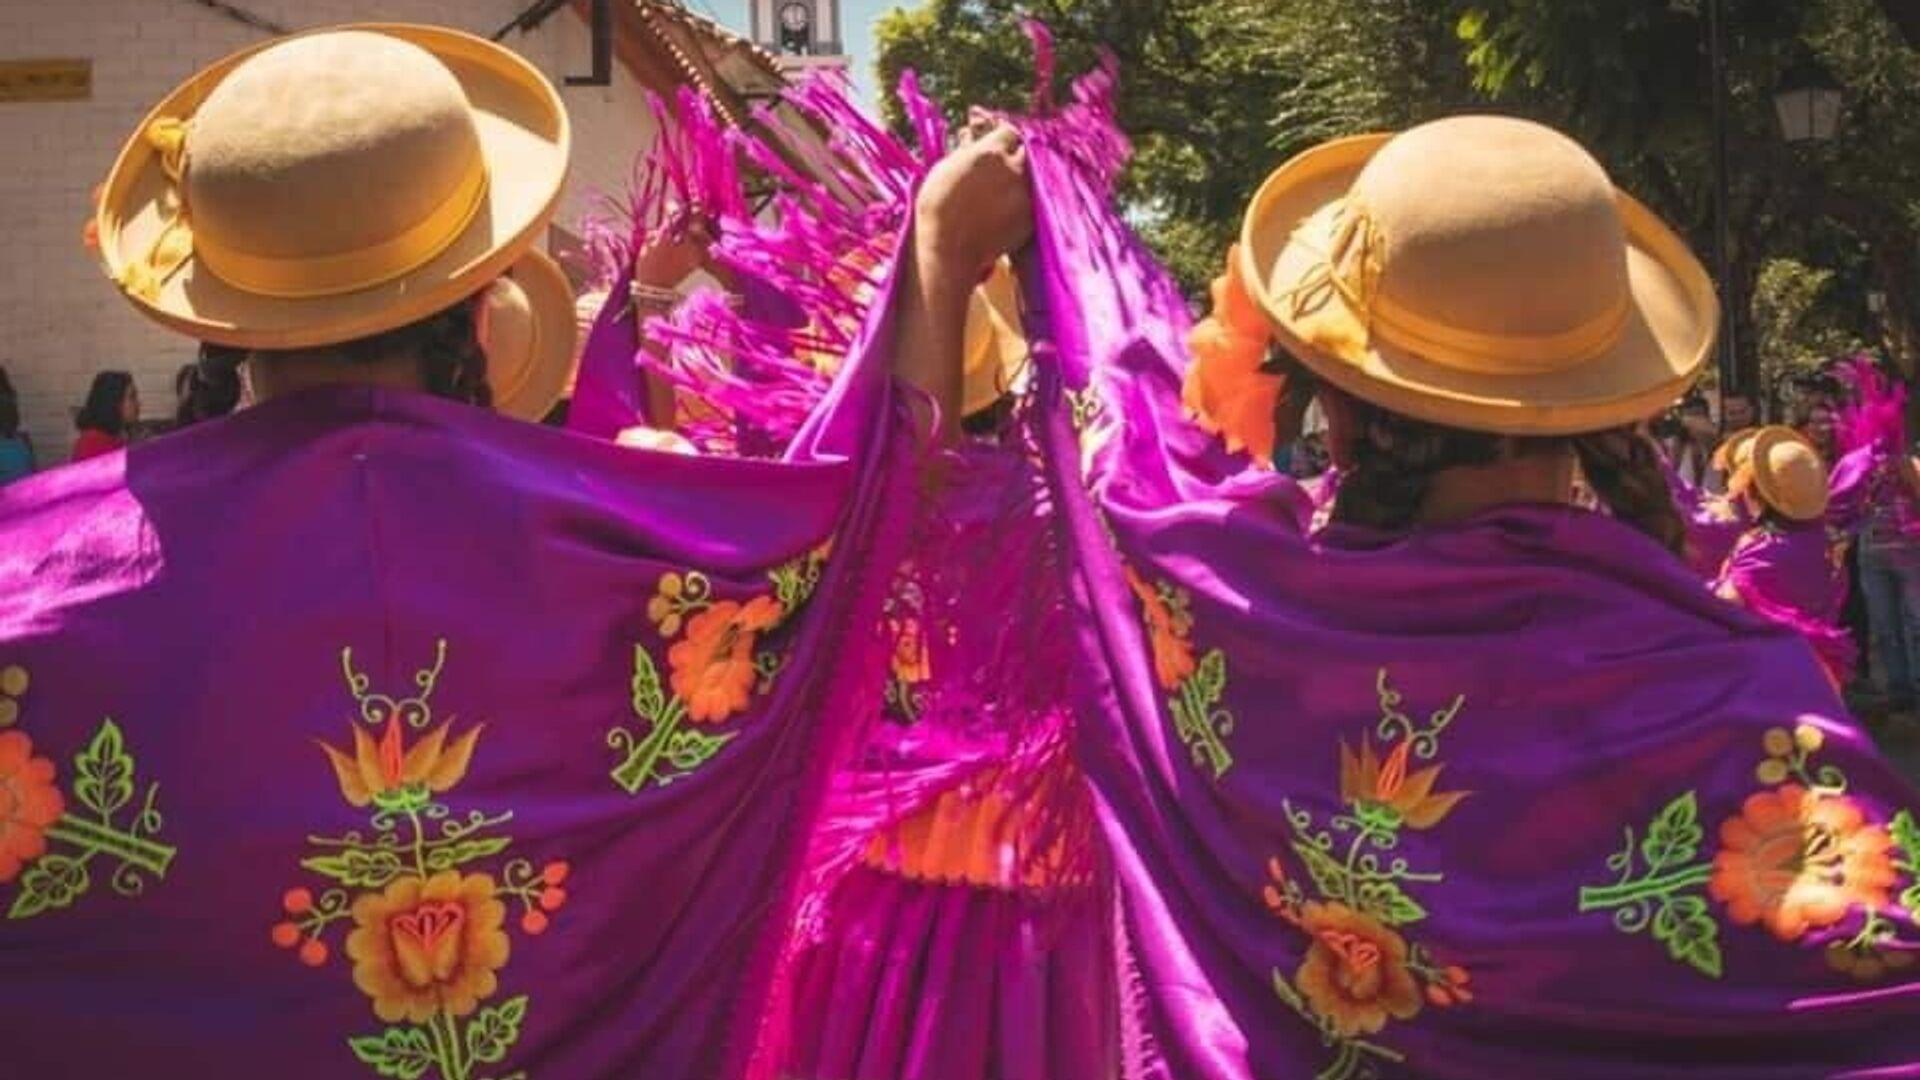 Celebración del Día de las Comadres en la ciudad de Tarija, Bolivia - Sputnik Mundo, 1920, 10.02.2021